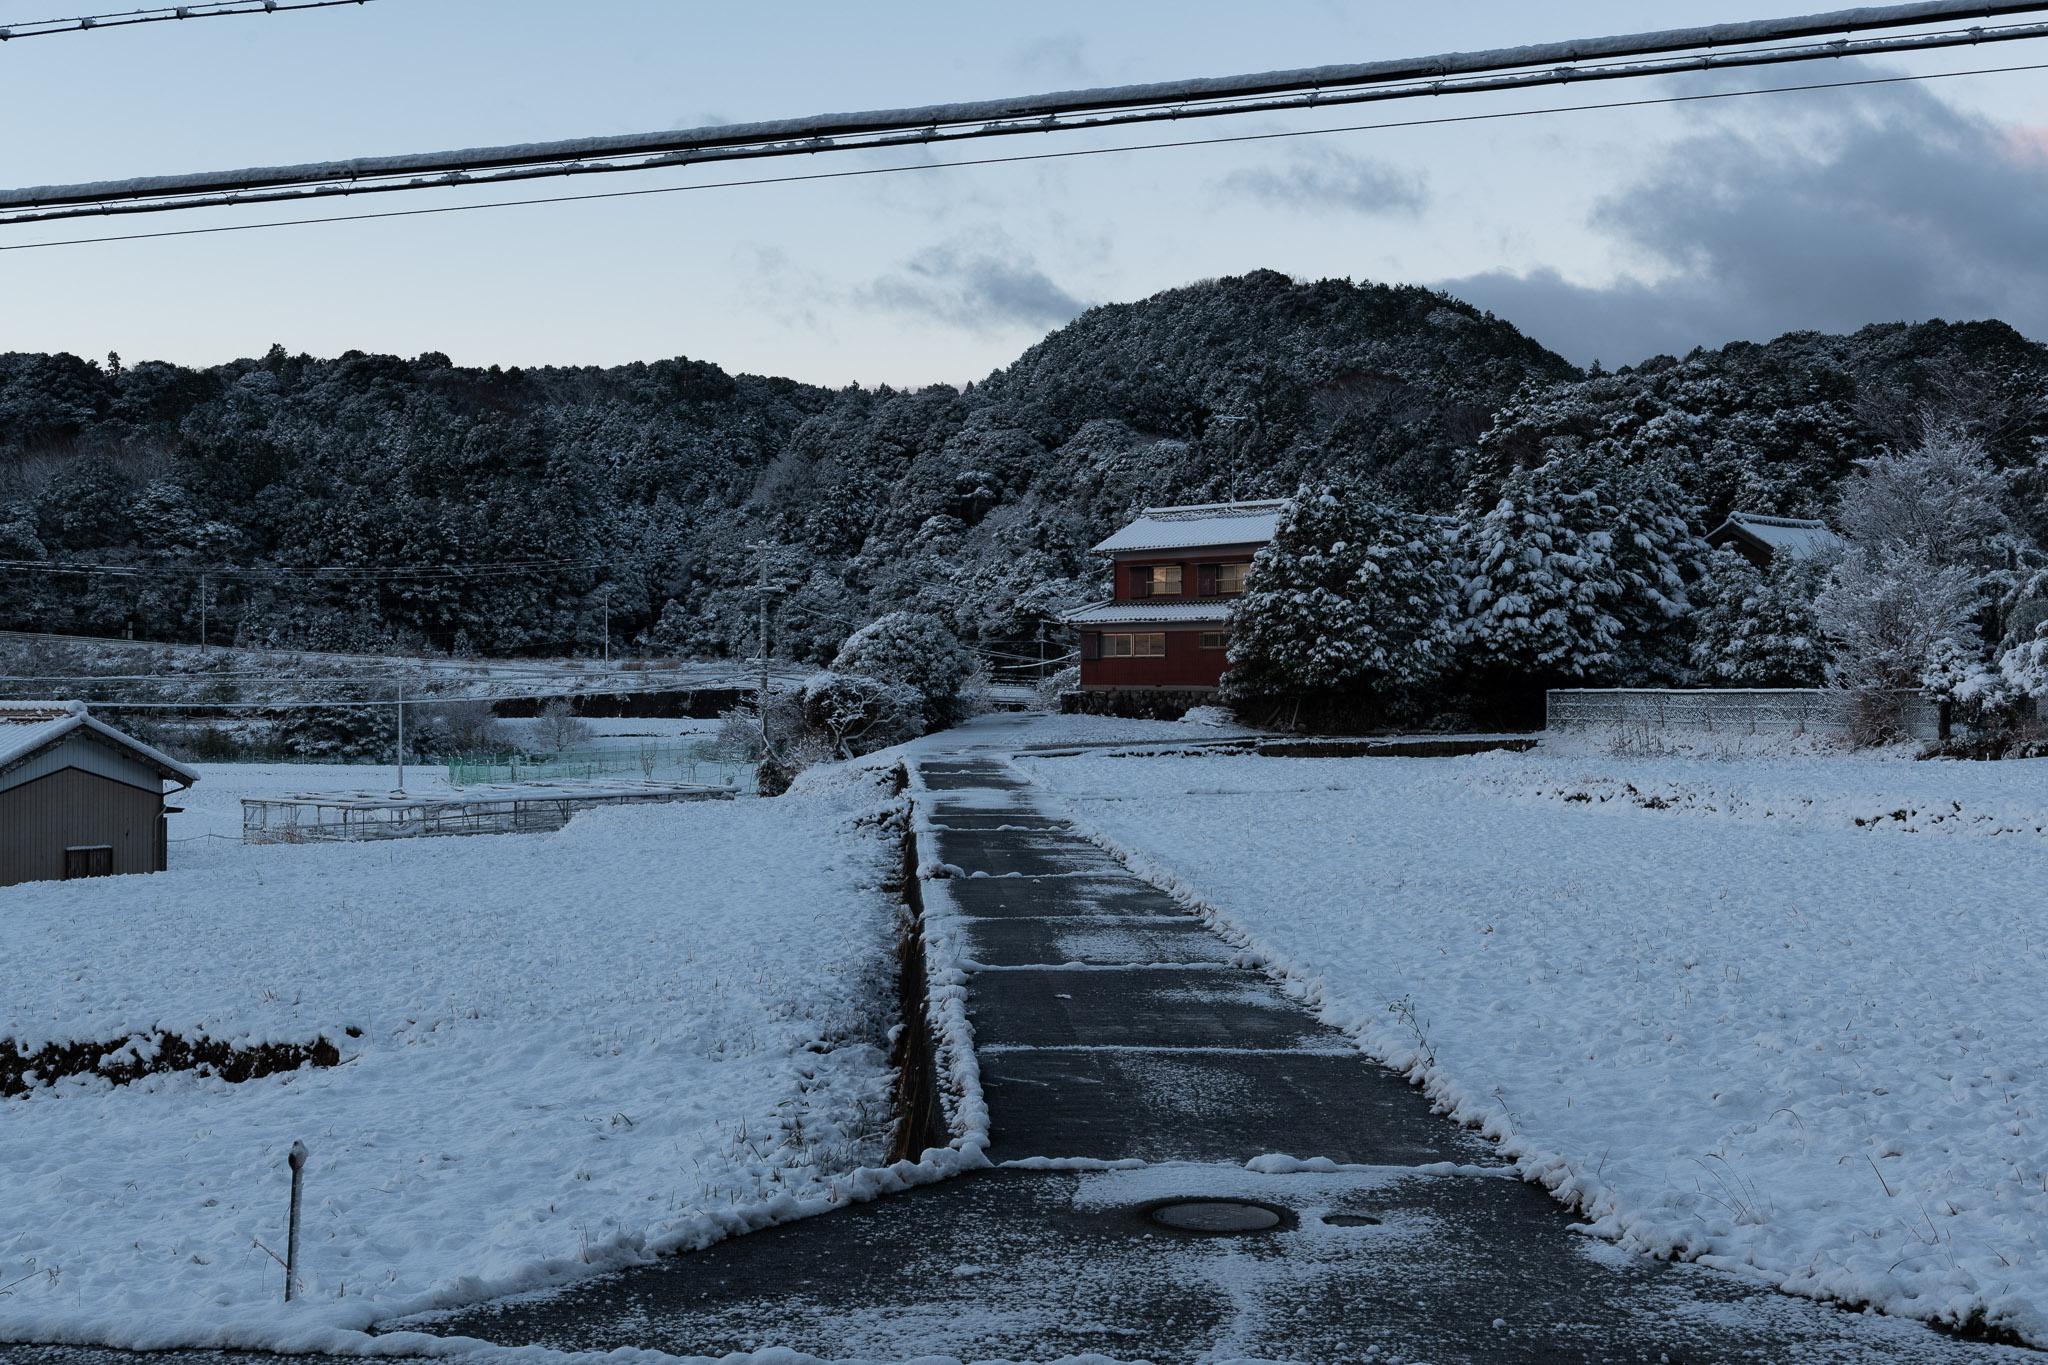 2020.12.31三重県津市美里町朝、雪